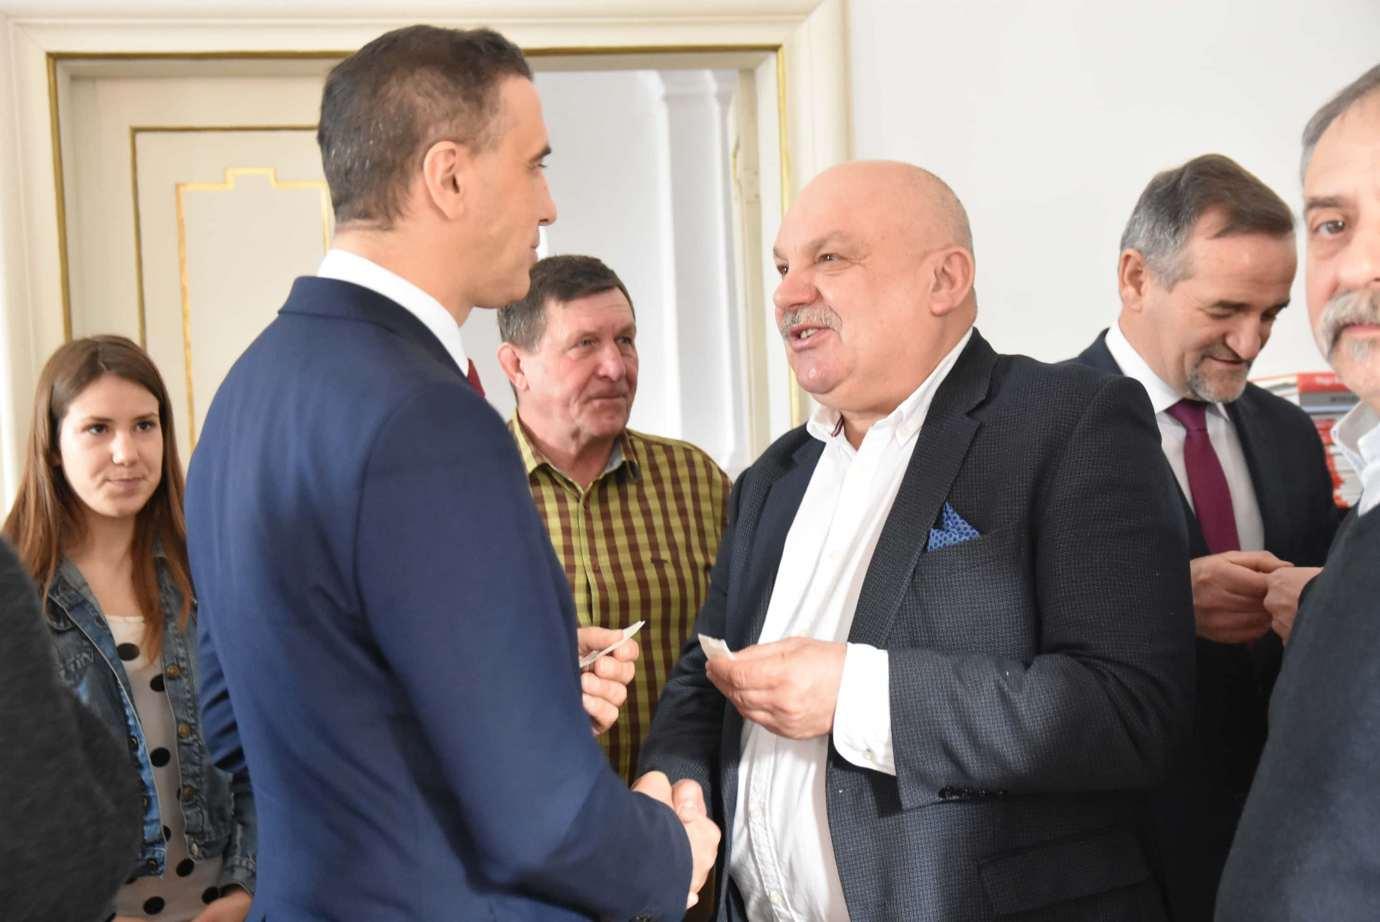 dsc 4054 Zamość: Otwarcie nowego biura poselskiego Jarosława Sachajko. [ZDJĘCIA, FILM]